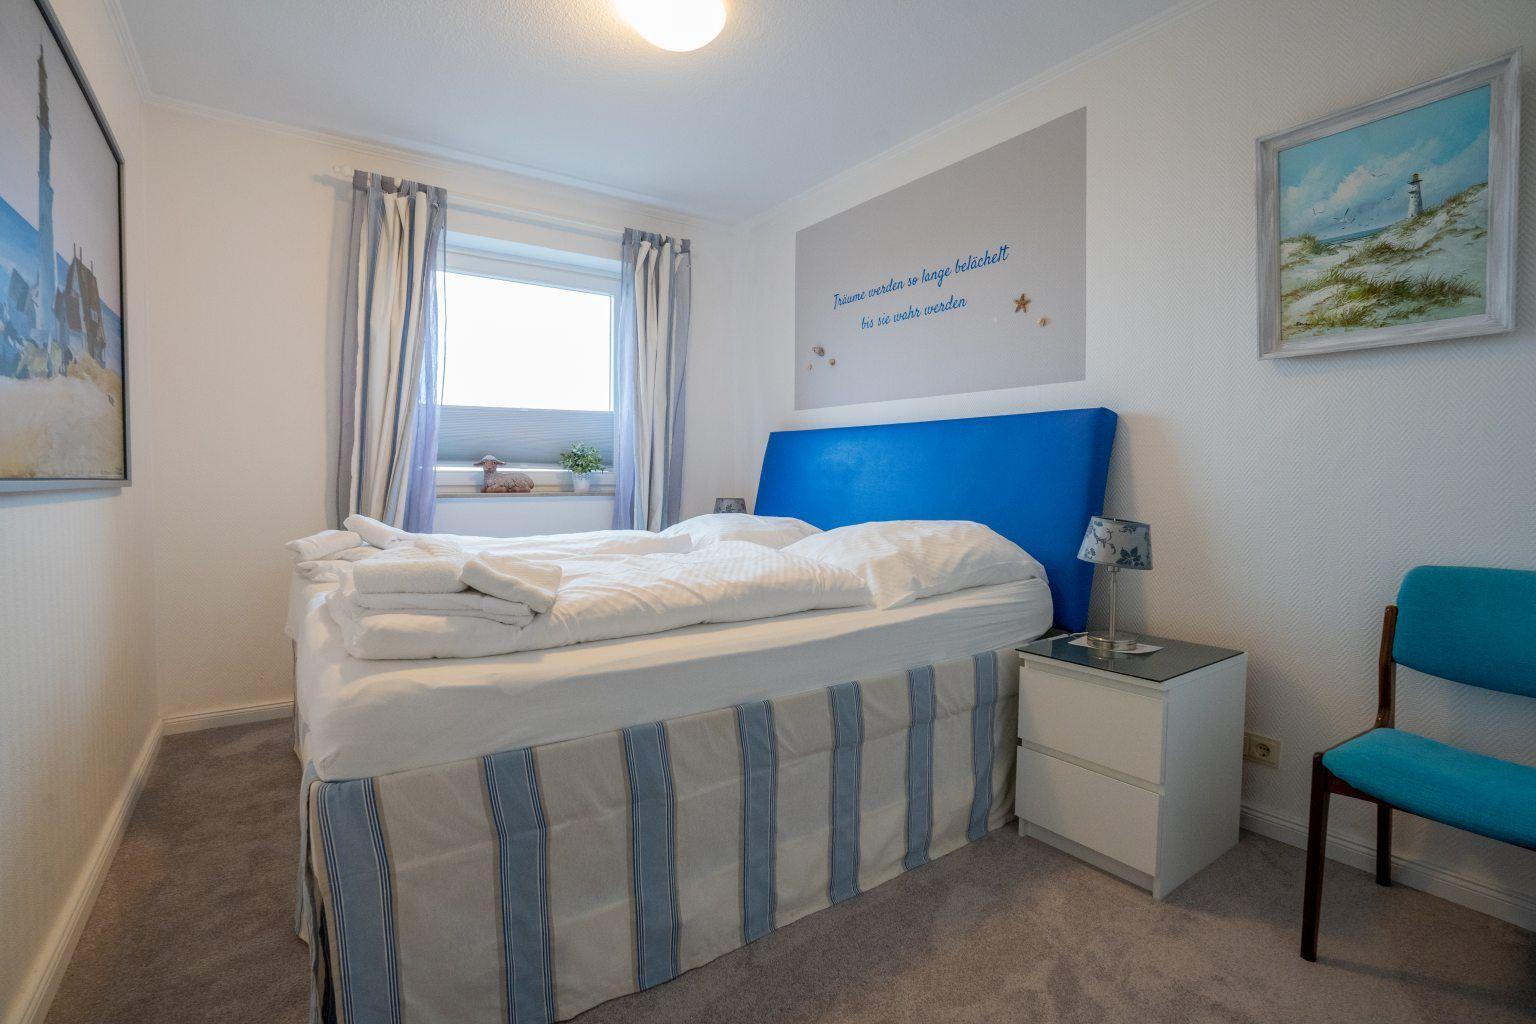 1. Schlafzimmer mit Ausblick